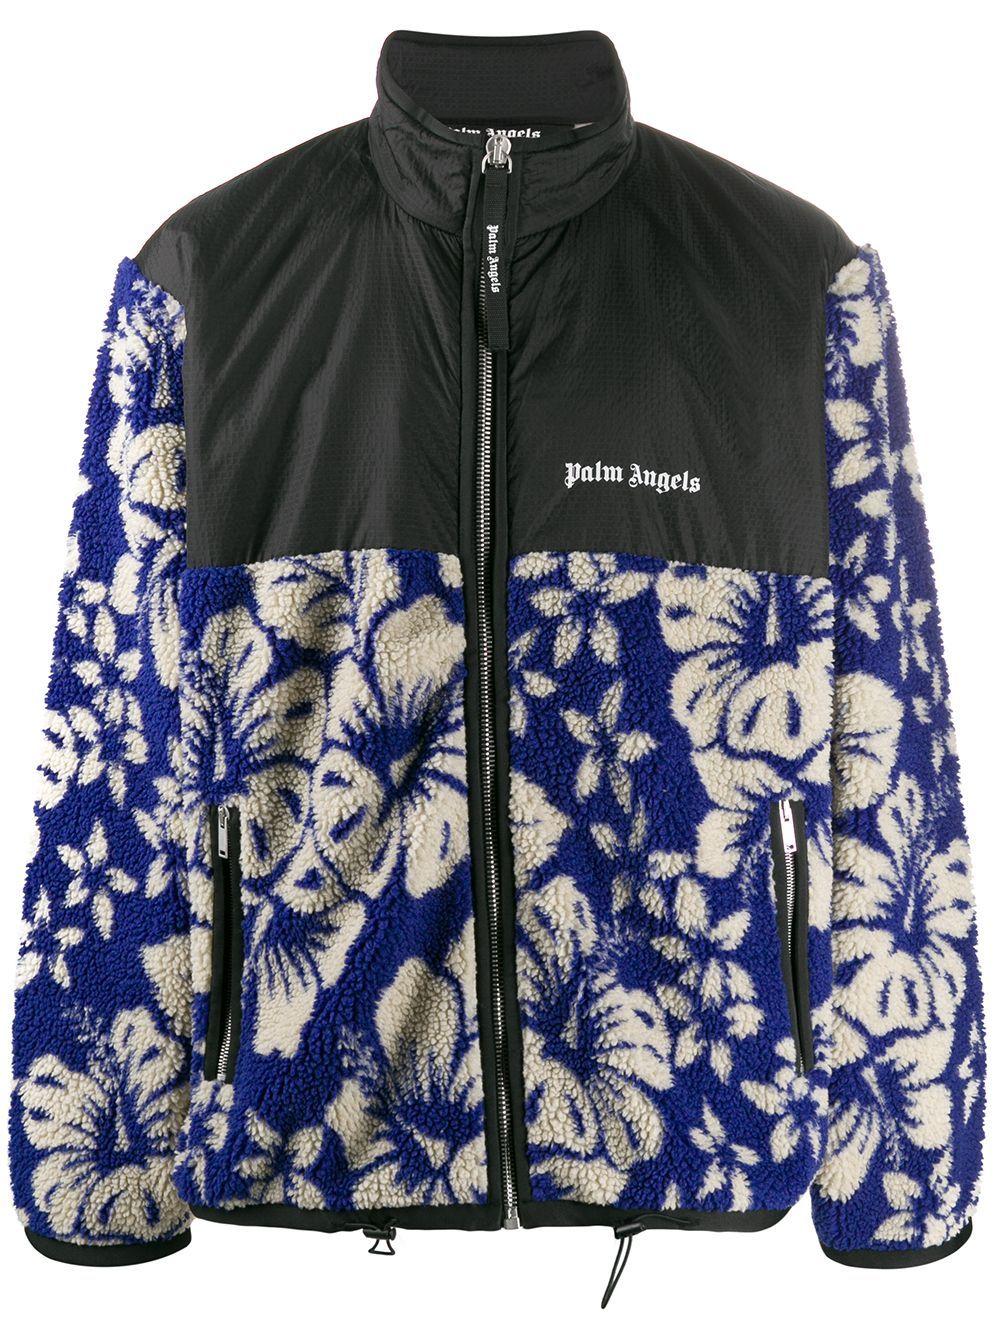 Palm Angels Hawaiian Print Jacket Farfetch In 2021 Print Jacket Designer Clothes For Men Hawaiian Print [ 1334 x 1000 Pixel ]